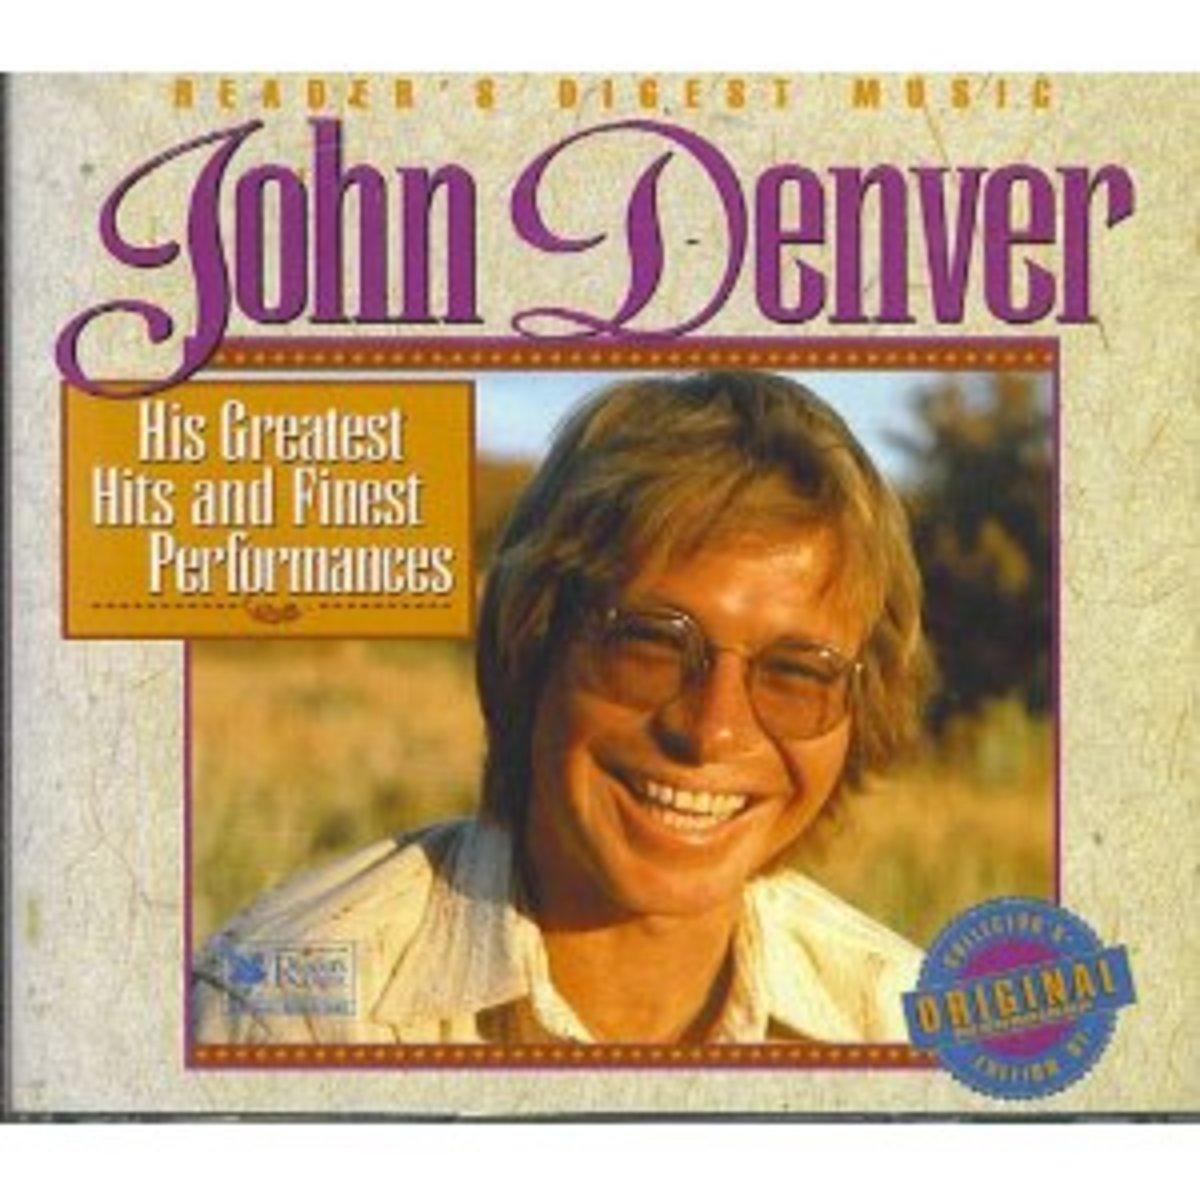 John Denver RD CD cover